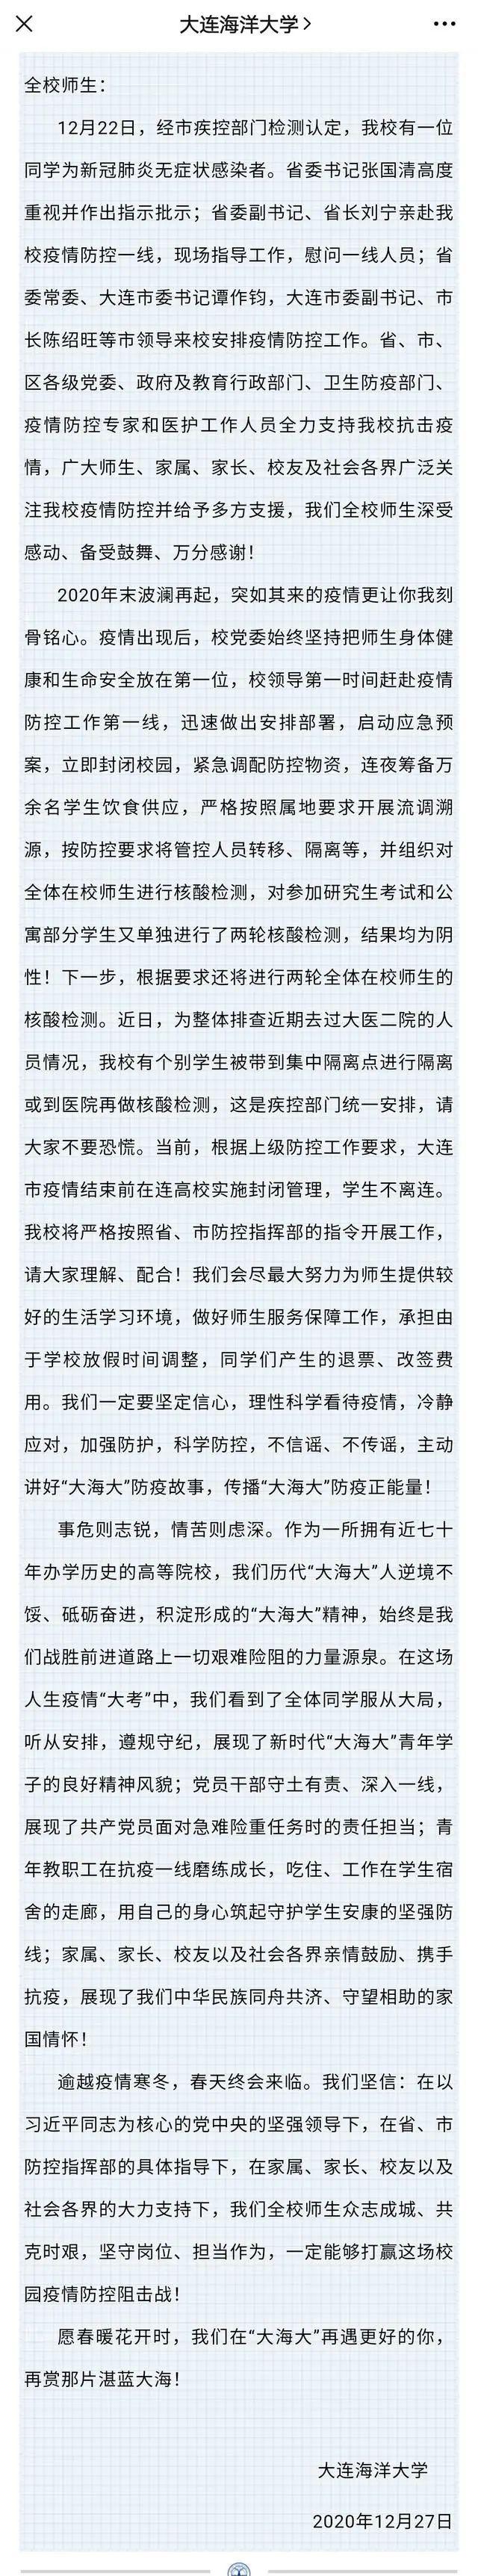 深圳新增1例无症状感染者,近期曾2次到北京出差